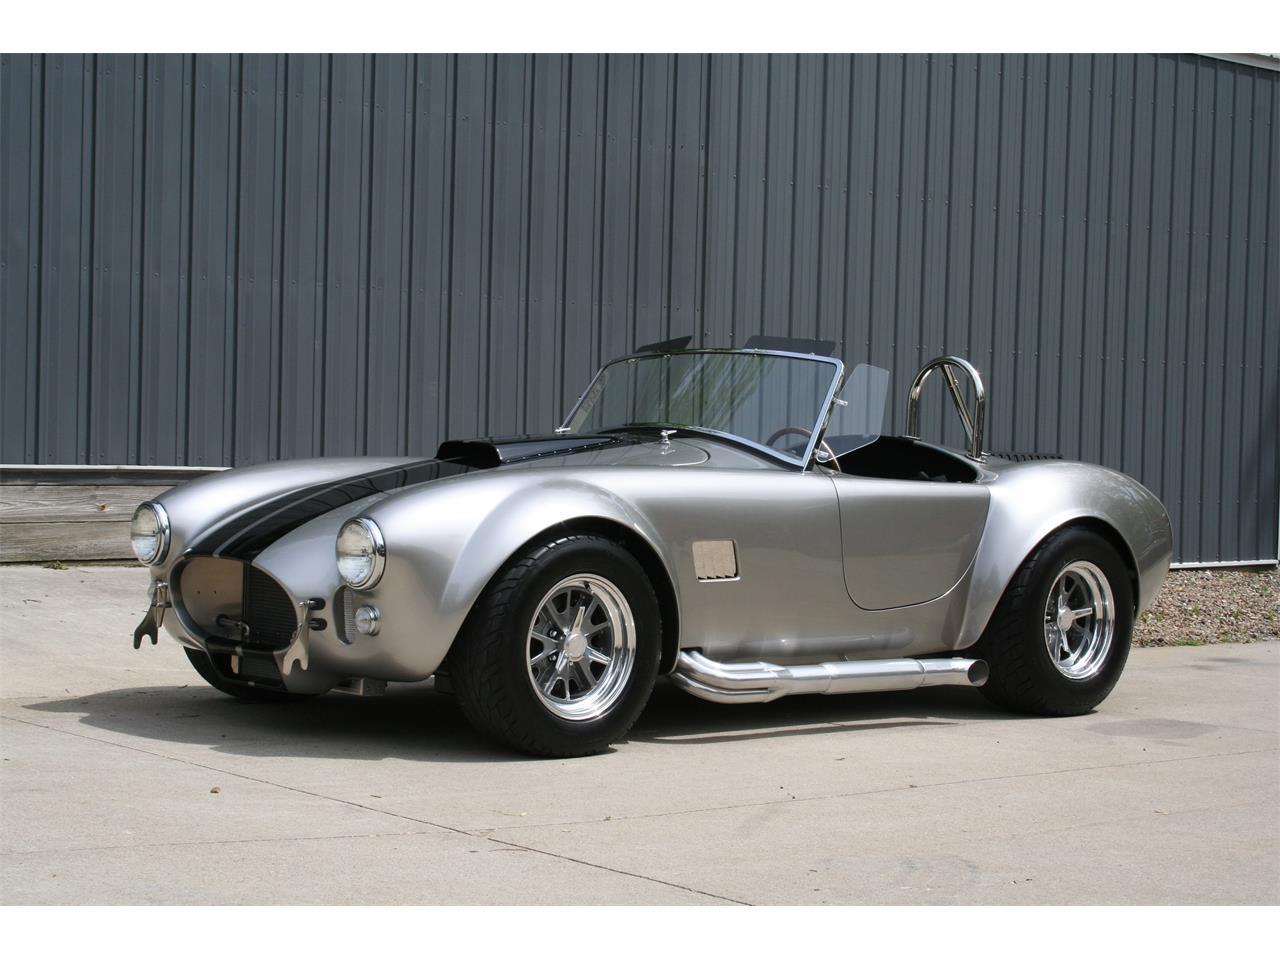 1966 Shelby Cobra Replica For Sale